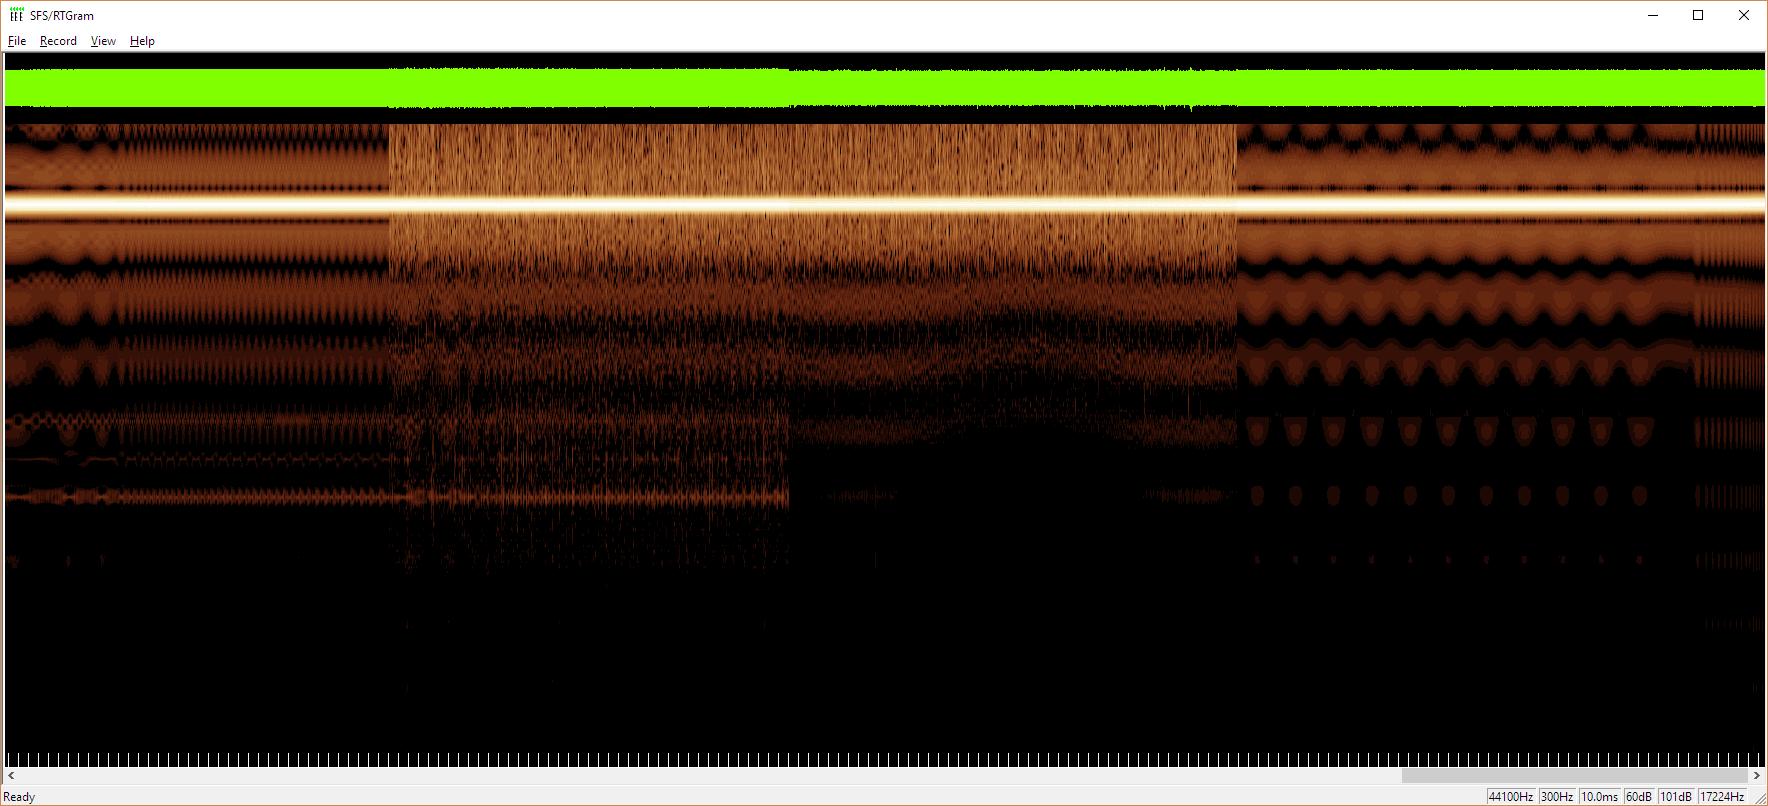 Ear_Studio_vs_Nokia_on_20k_Ohm_Line_In.png